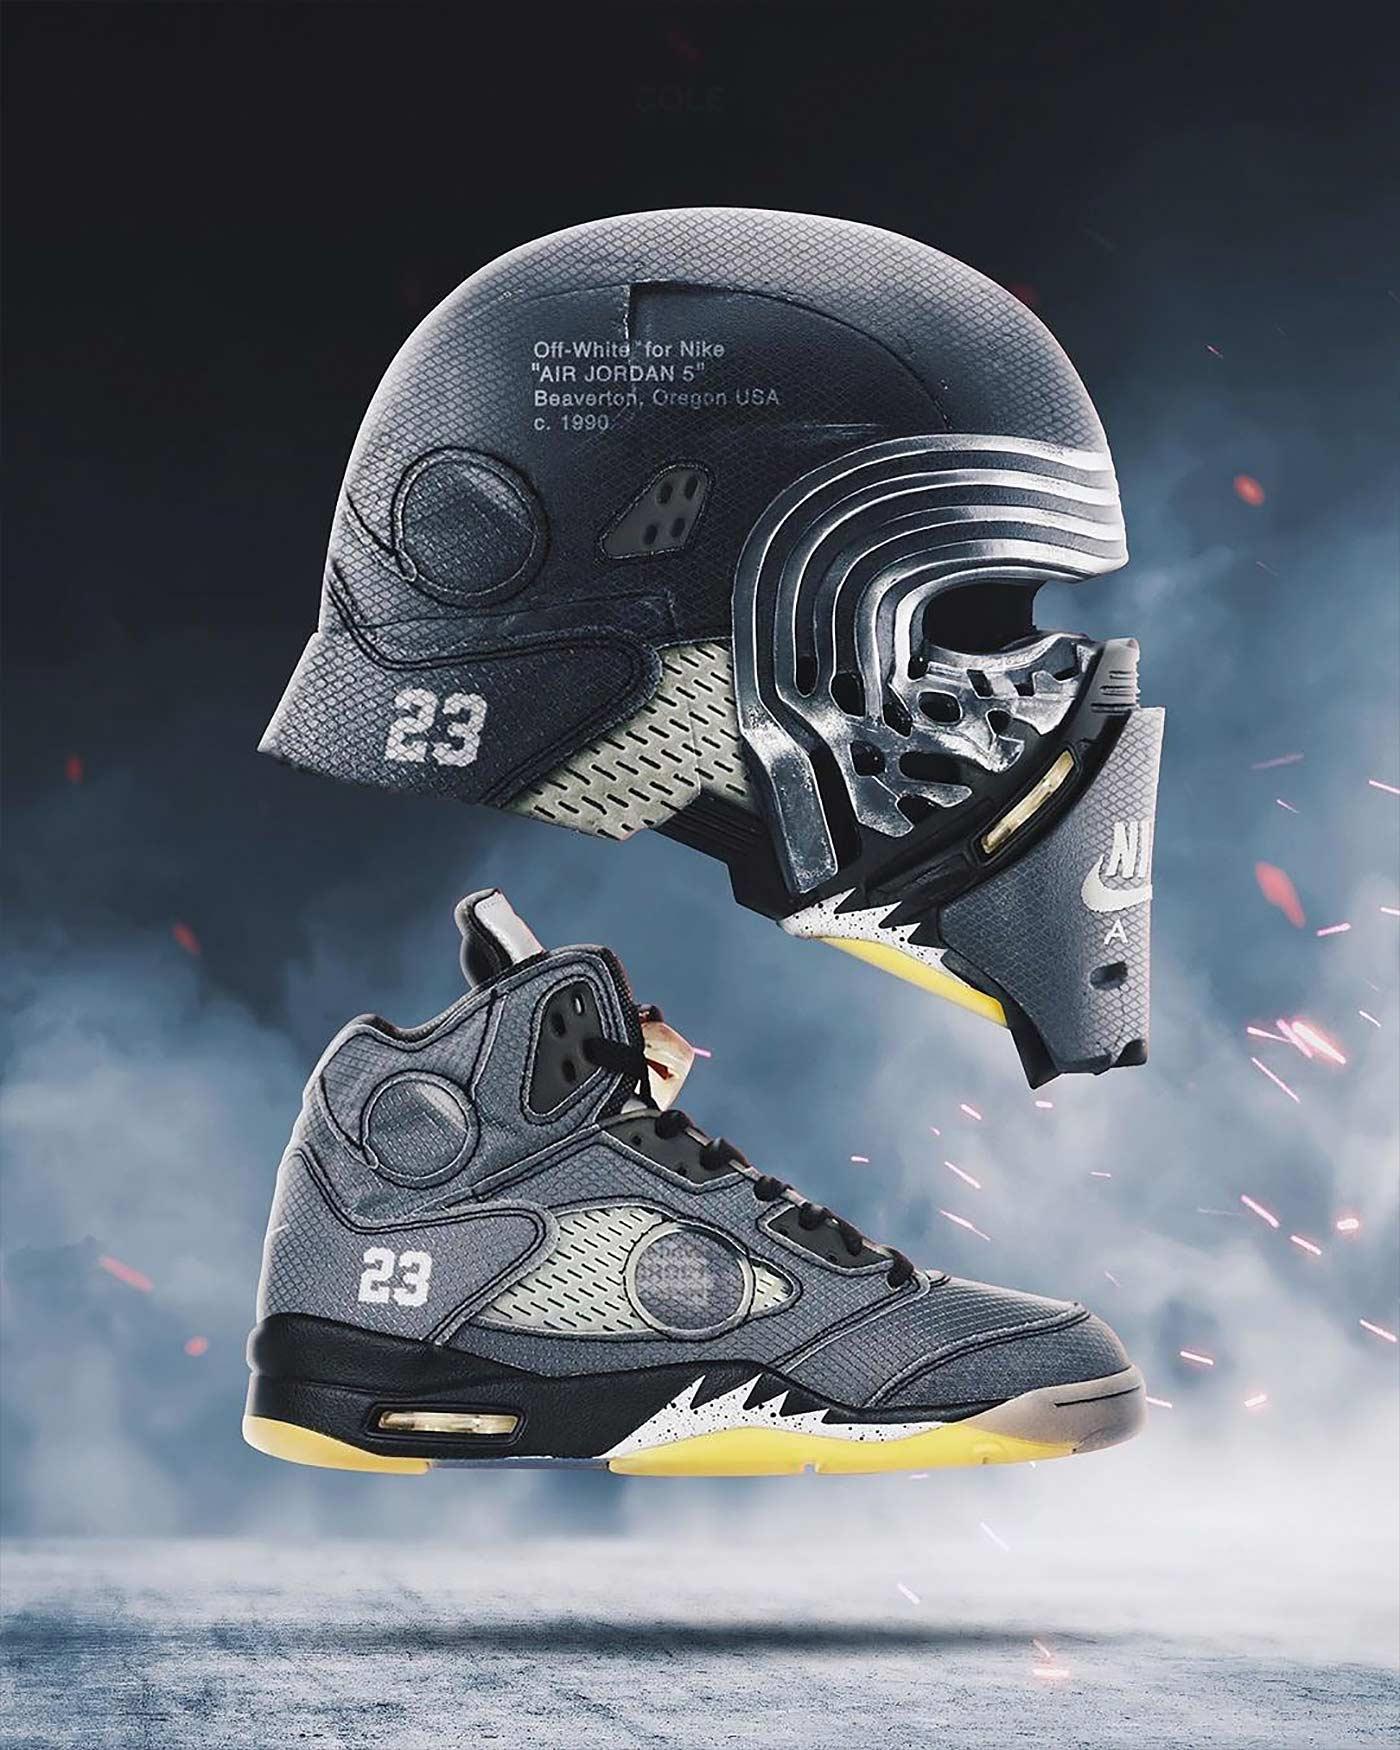 Popkultur-Sneaker von Jeff Cole popkultursneaker-jeff-cole_02